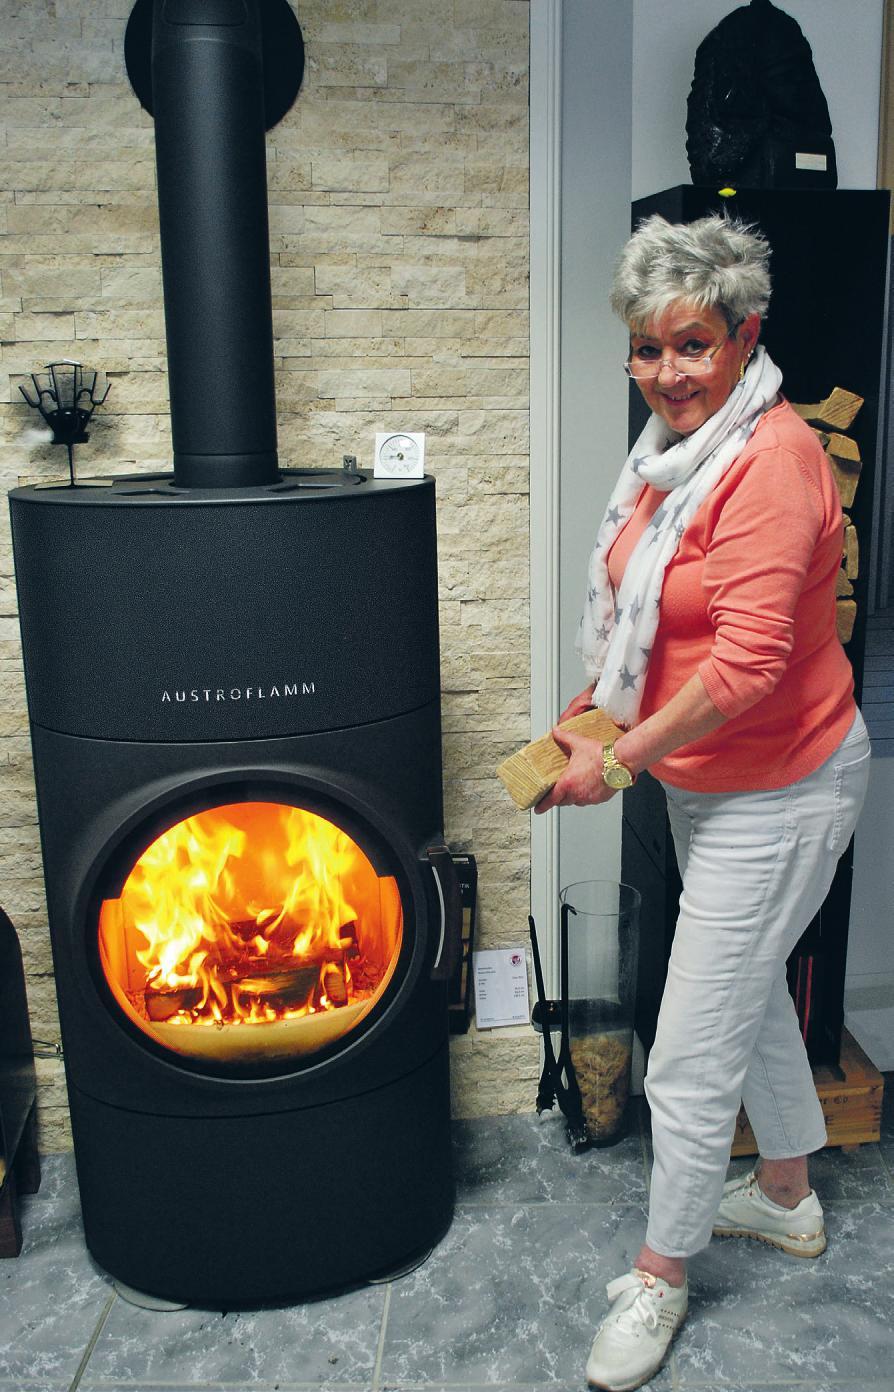 Wer diesen Austroflamm-Kaminofen bei Brose kauft, der spart die Mehrwertsteuer: Mitarbeiterin Gudrun Julian berät in Sachen Befeuerung.Fotos: Tina Jordan